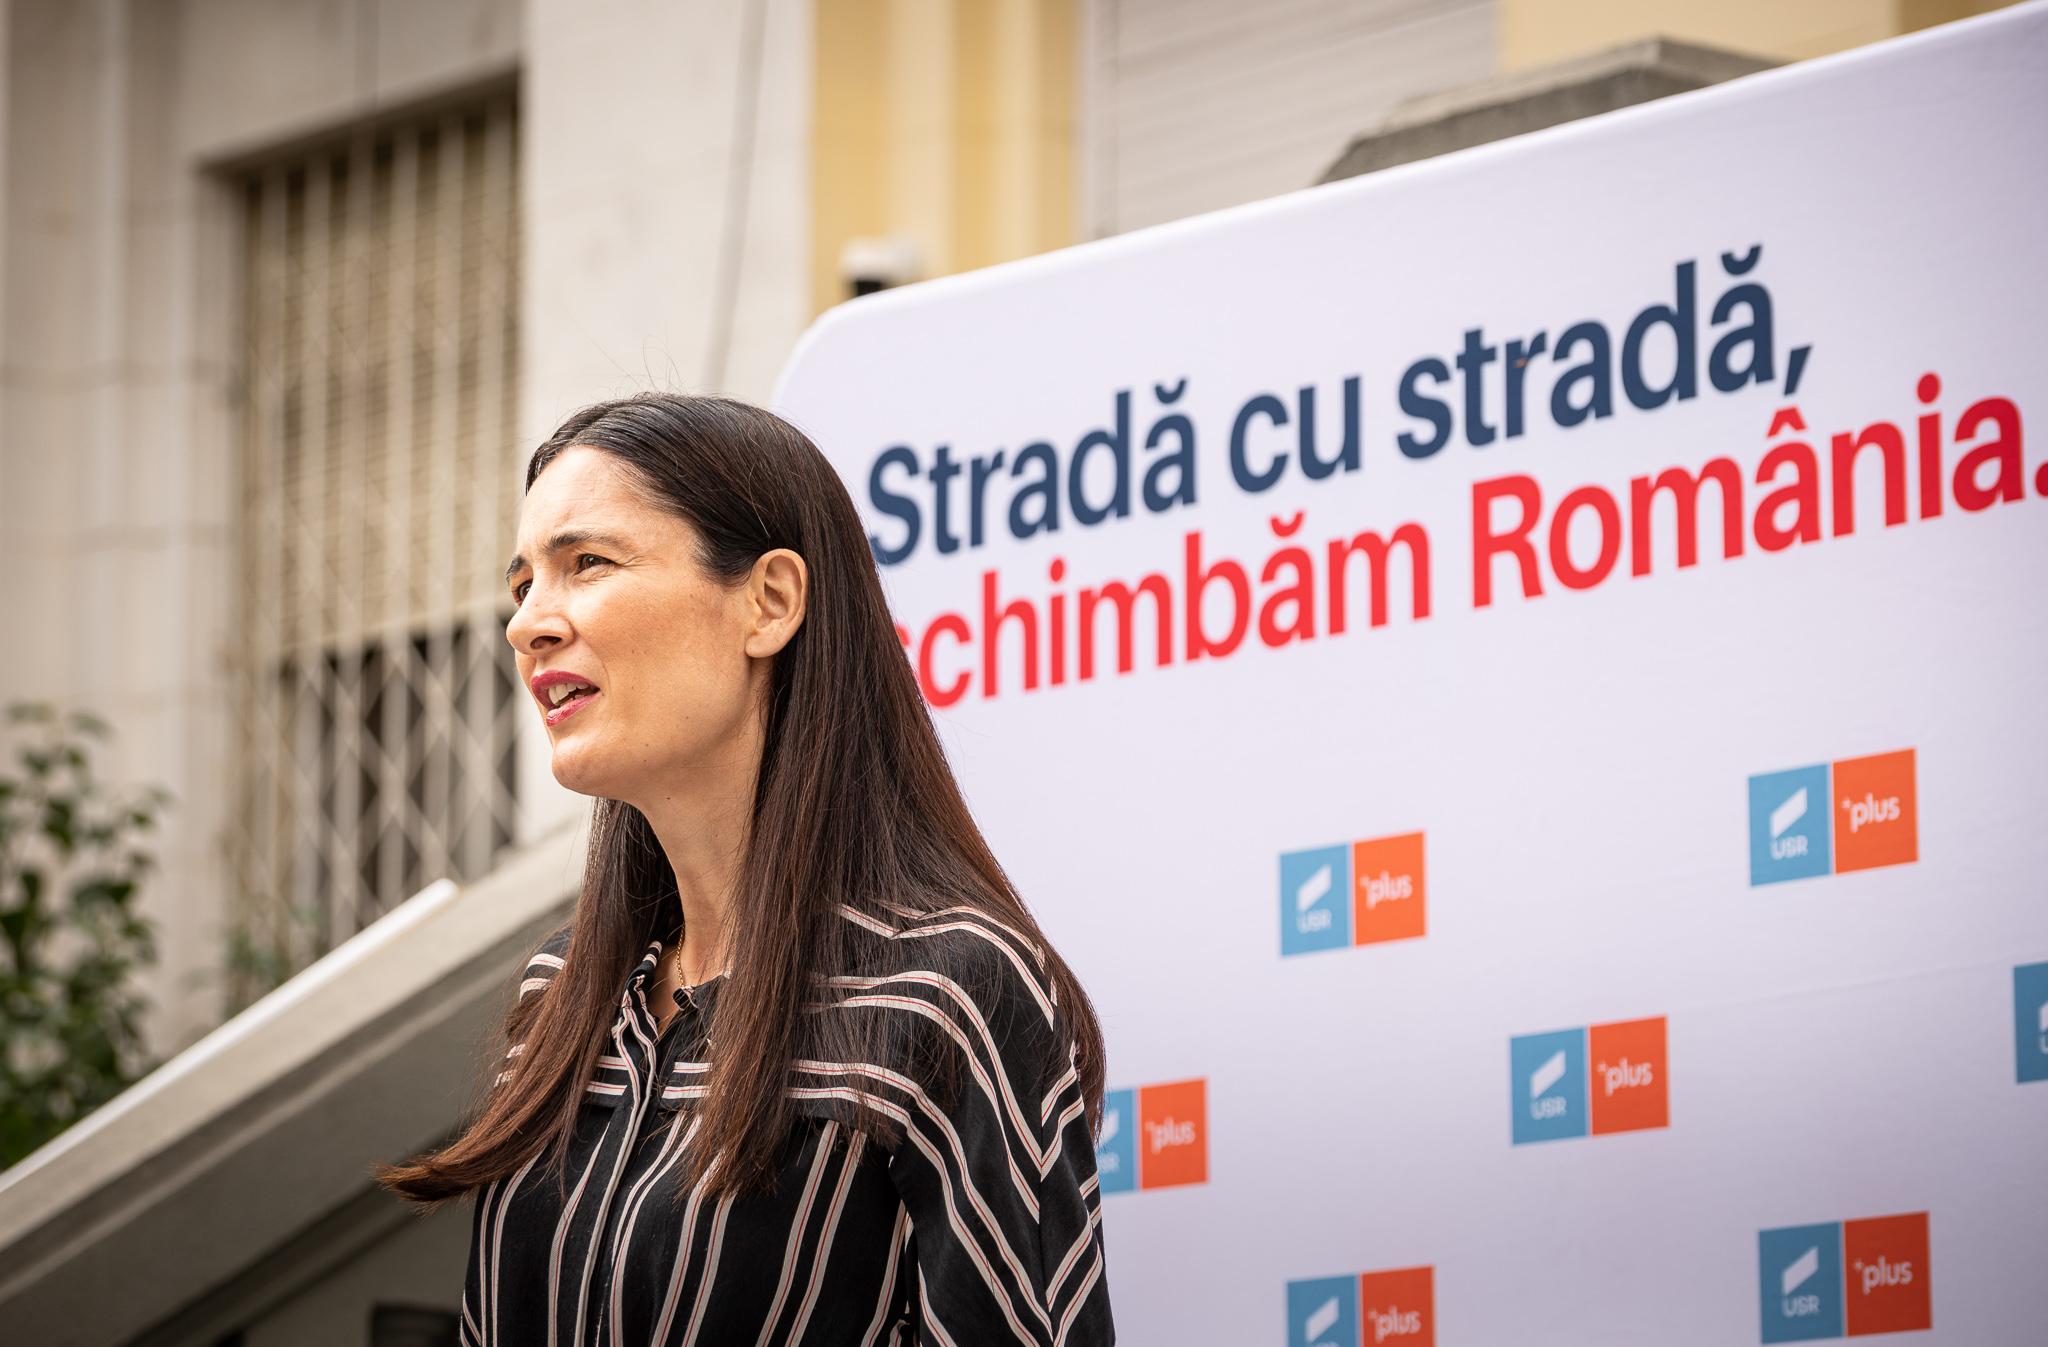 Clotilde Armand încă nu-şi poate prelua mandatul la Primăria Sectorul 1. 122 de persoane au contestat validarea